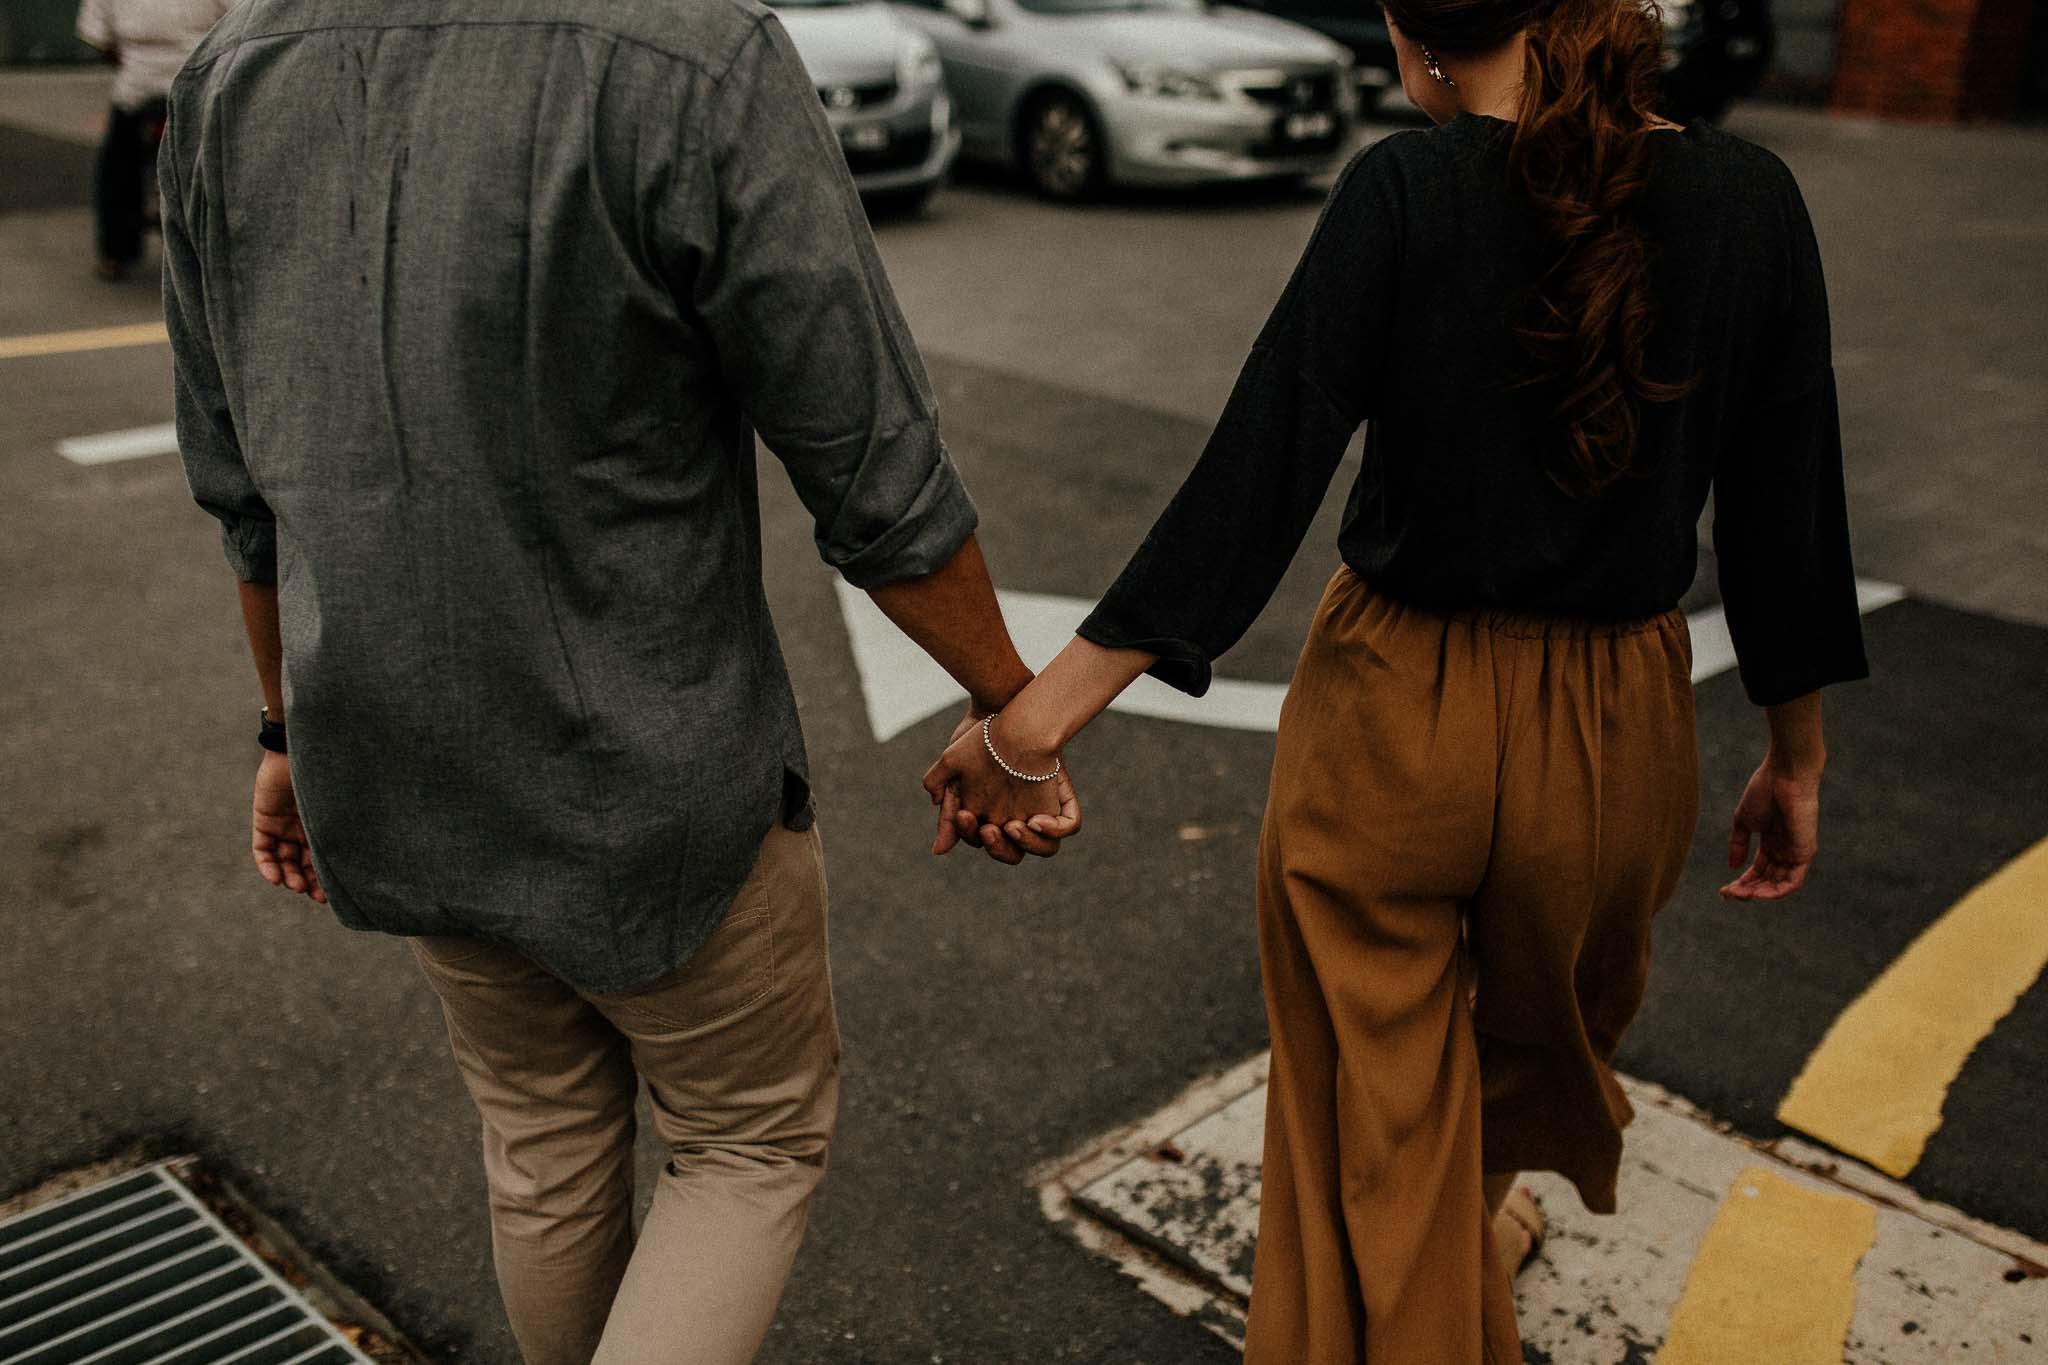 qila&elyas-weddingsbyqay-lovesession (37 of 297).jpg